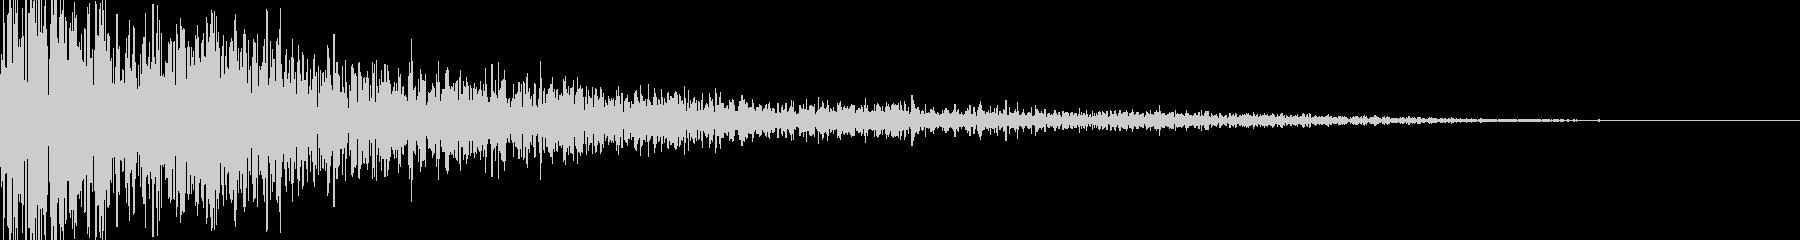 サウンドロゴ ハリウッド系 ダークの未再生の波形